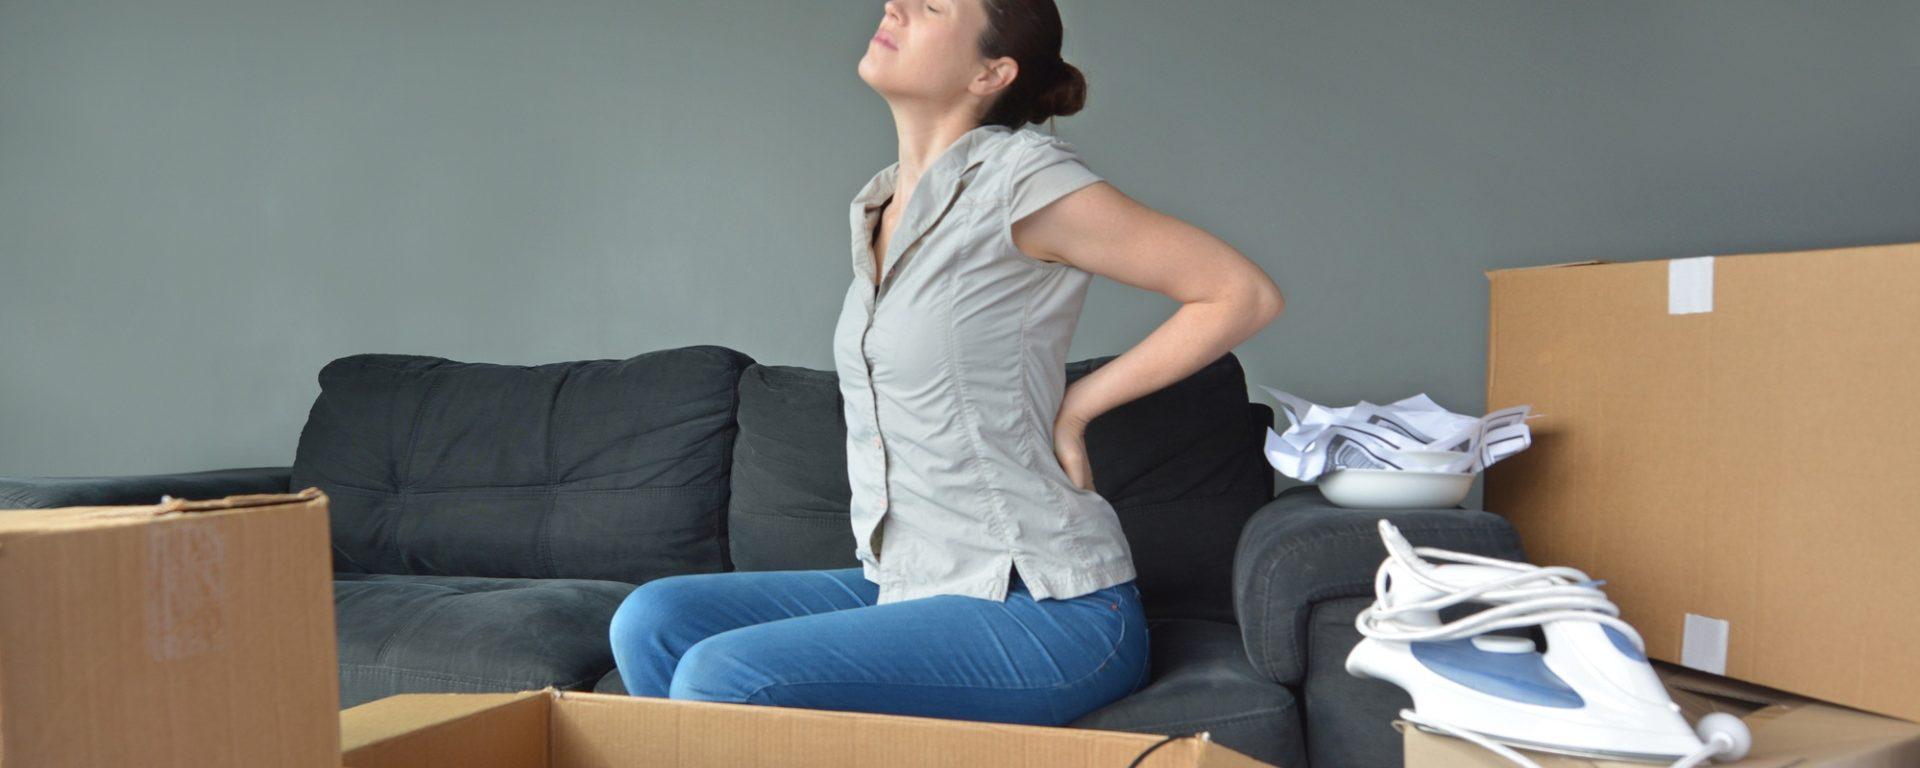 Rückenschmerzen werden unzureichend behandelt